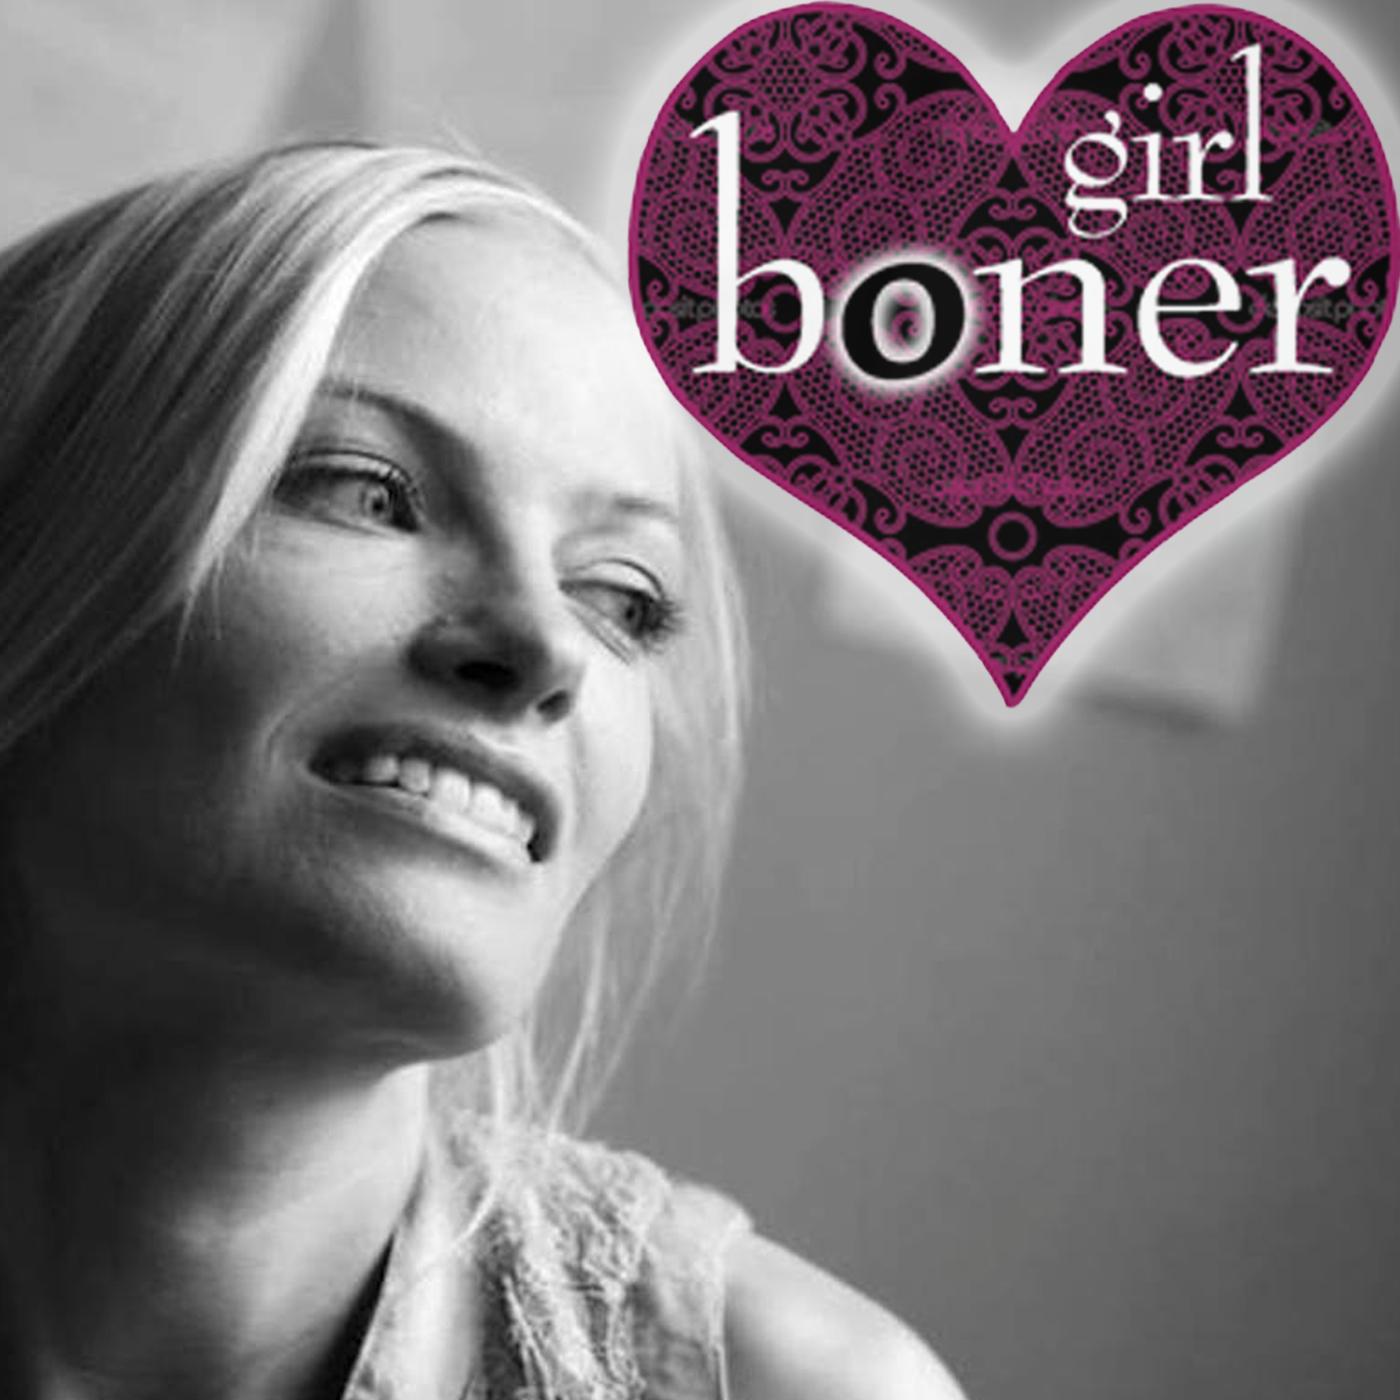 Artwork for Girl Boner Beginnings